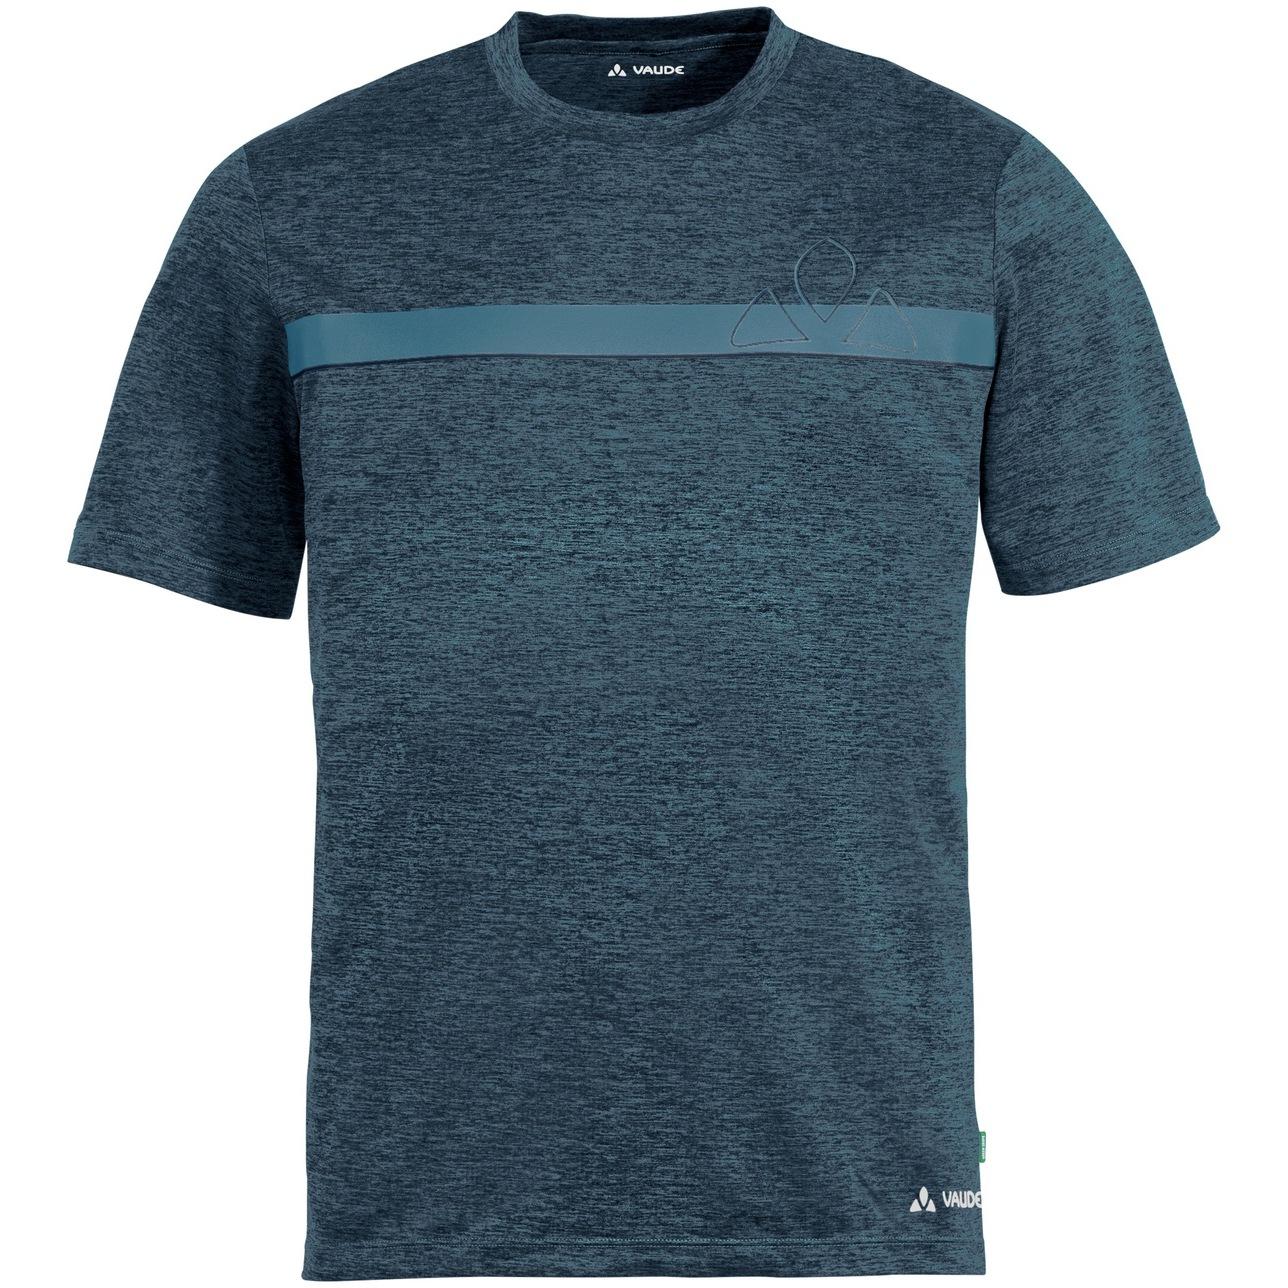 Vaude Bracket T-Shirt - steelblue